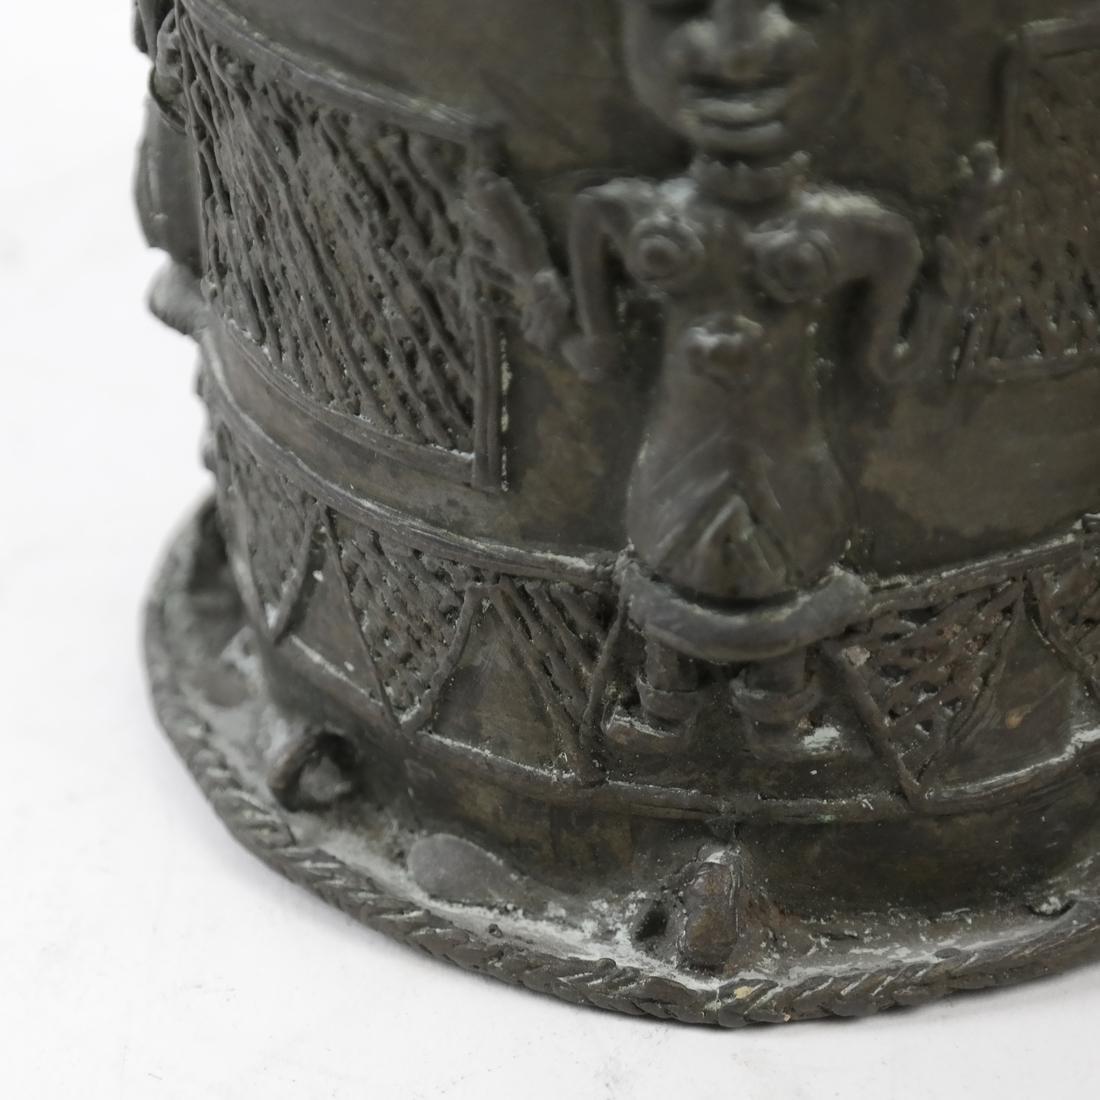 Pair of African Bronze Sleeves - 5